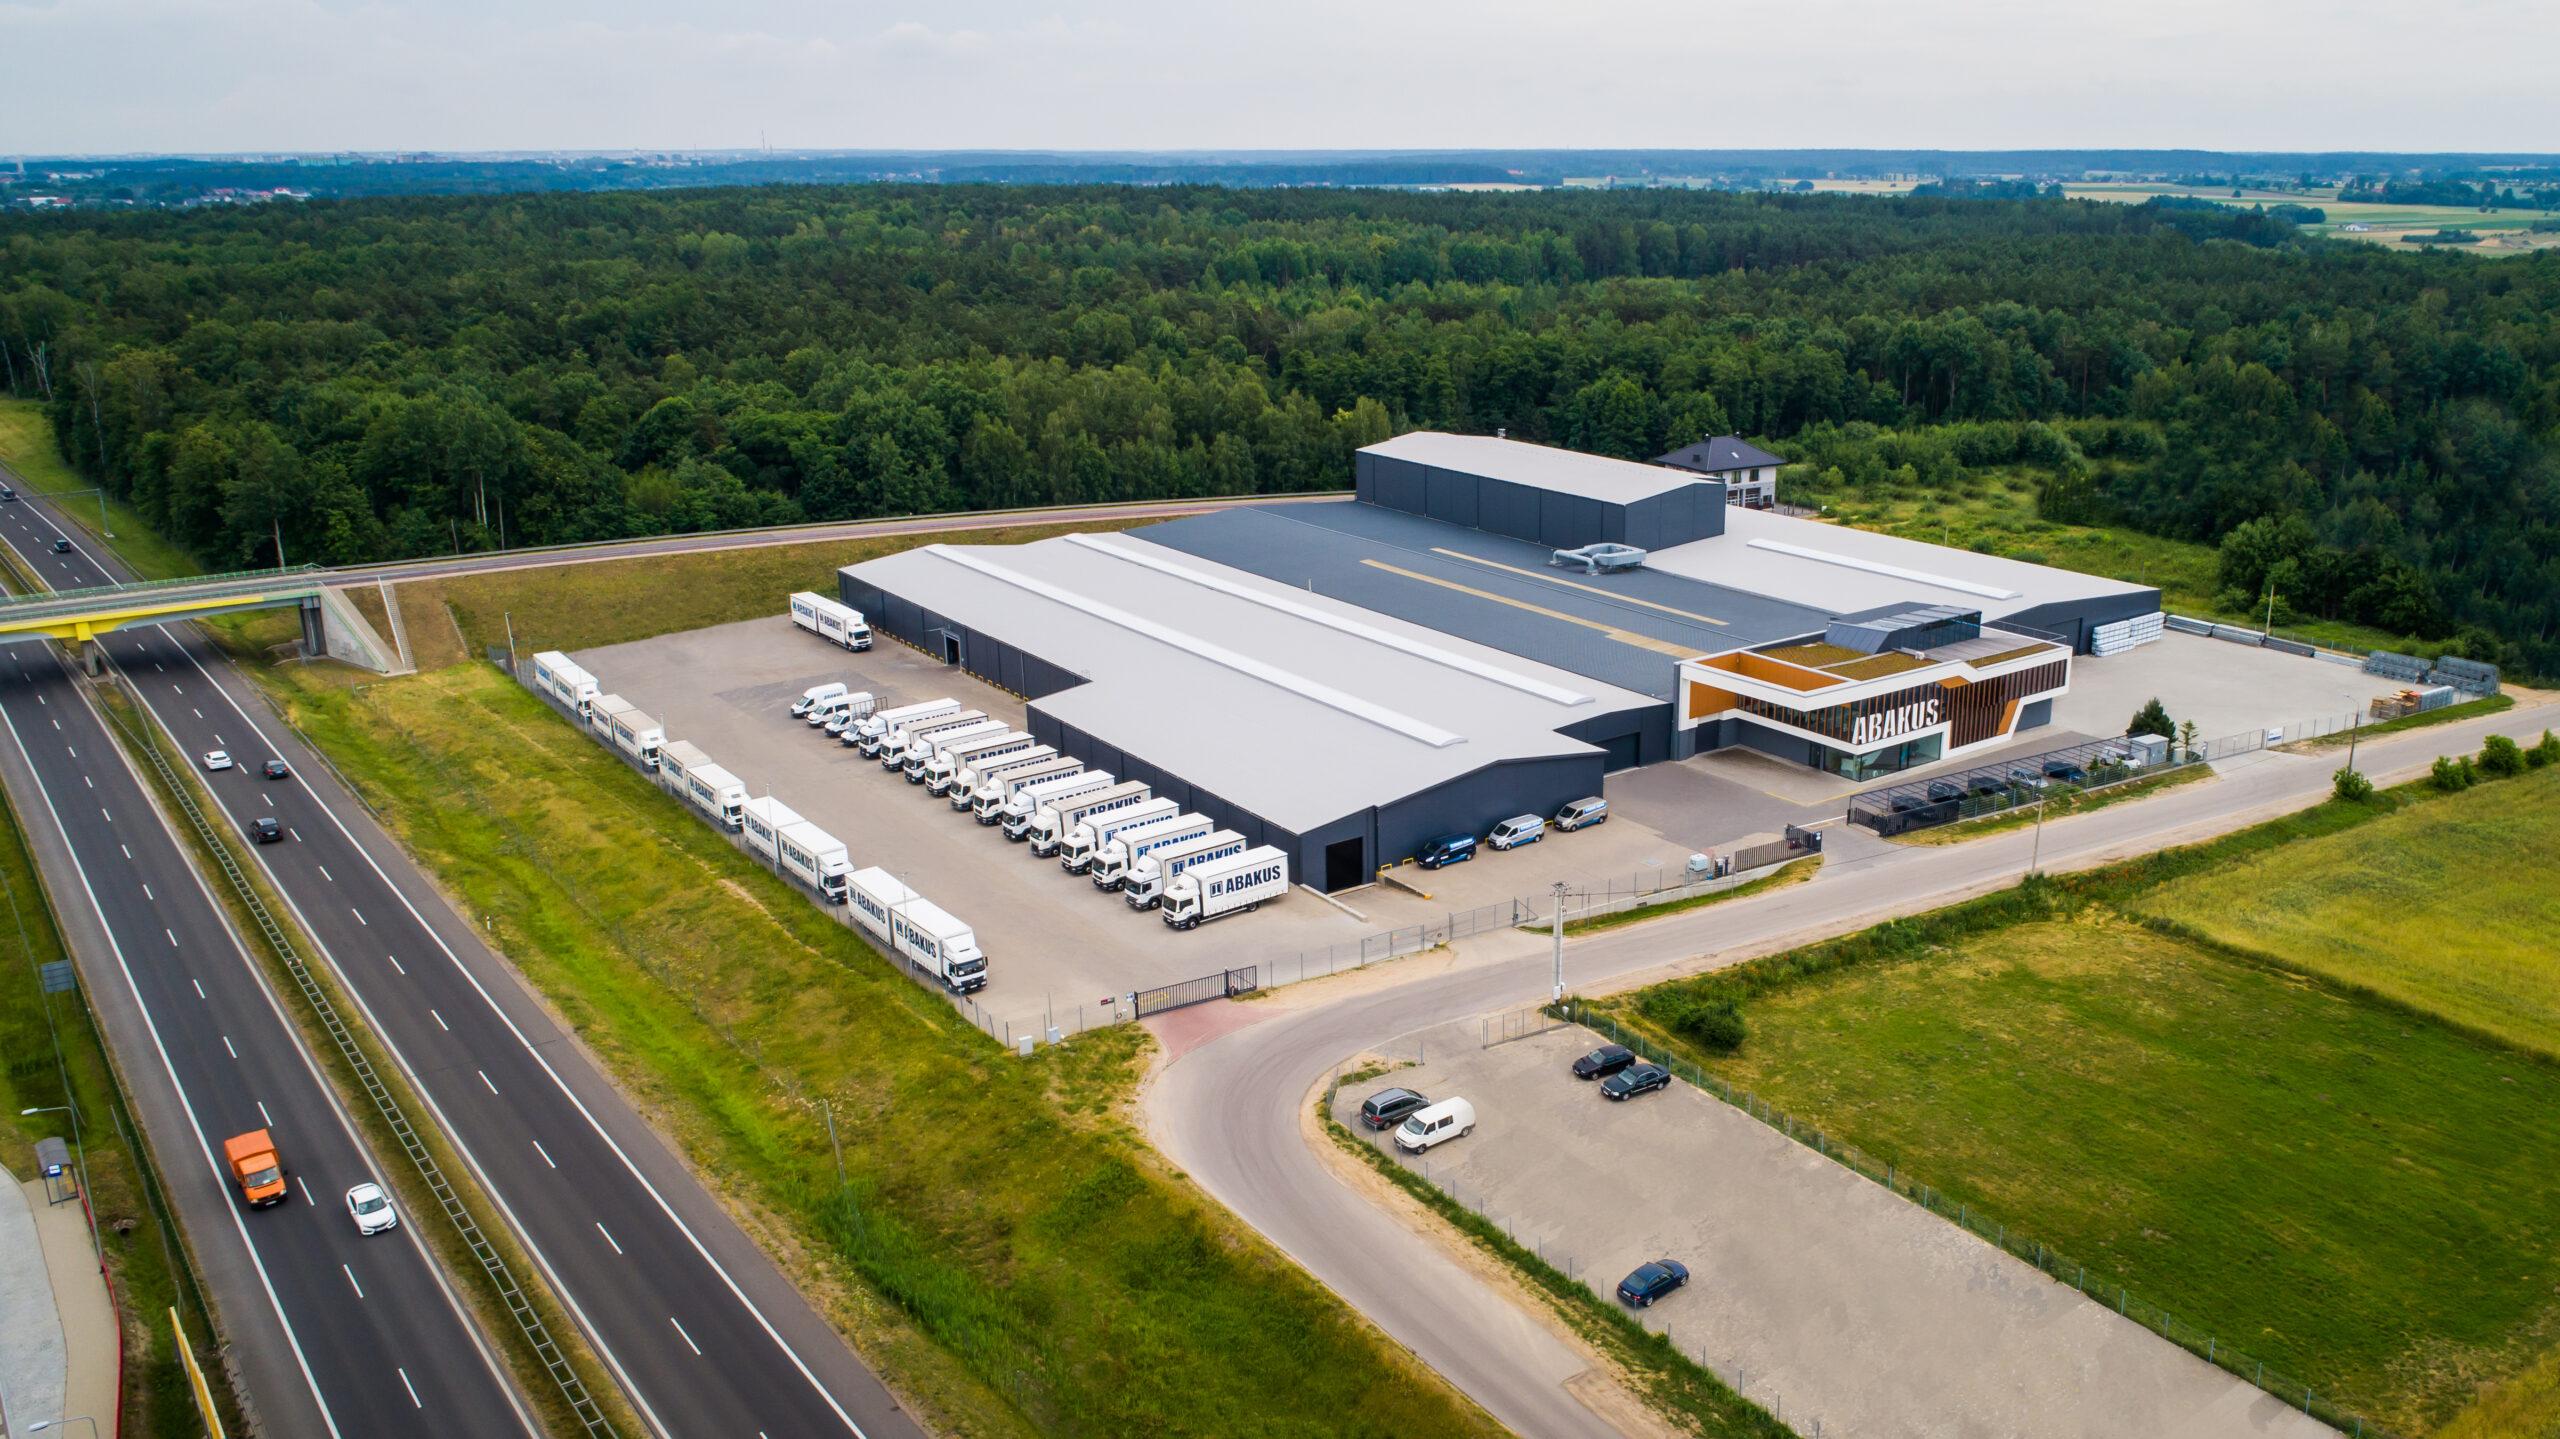 Jak działa jeden znajwiększych parków maszynowych wEuropie Abakus Okna S.A.?